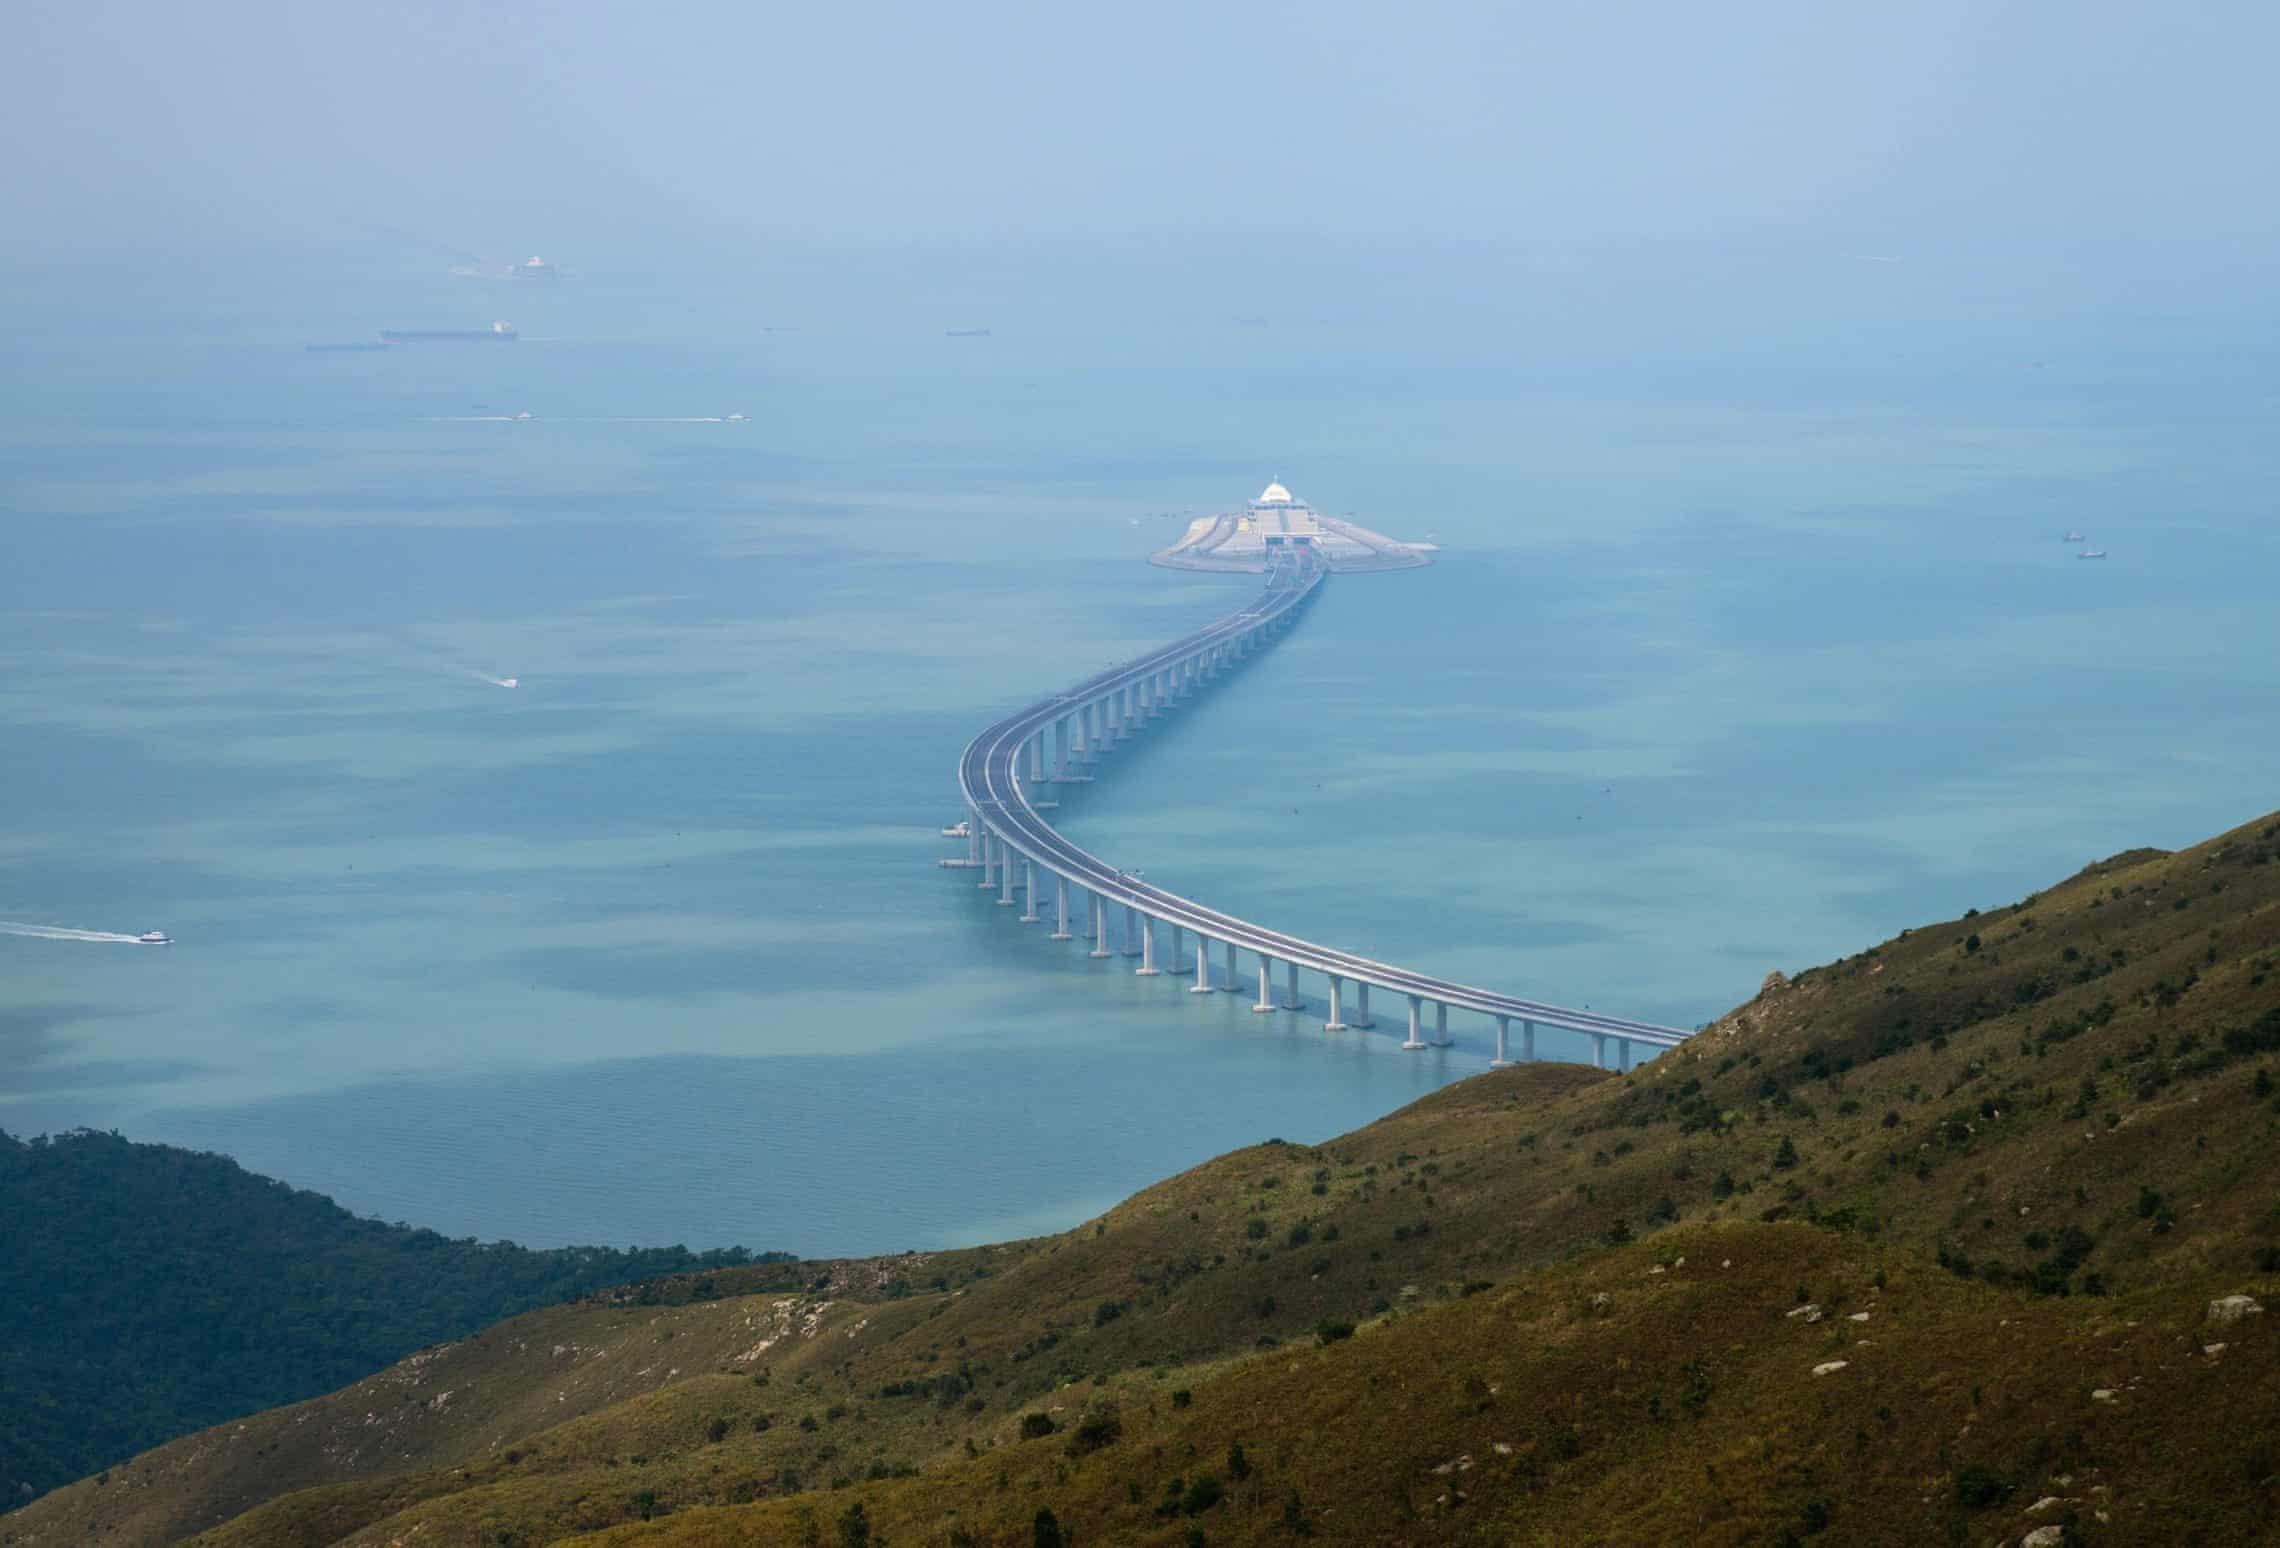 ۵۵ کیلومتر، ۲۰ میلیارد دلار و دوربین خمیازه | شش نکته کلیدی درباره طولانیترین پل دریایی دنیا